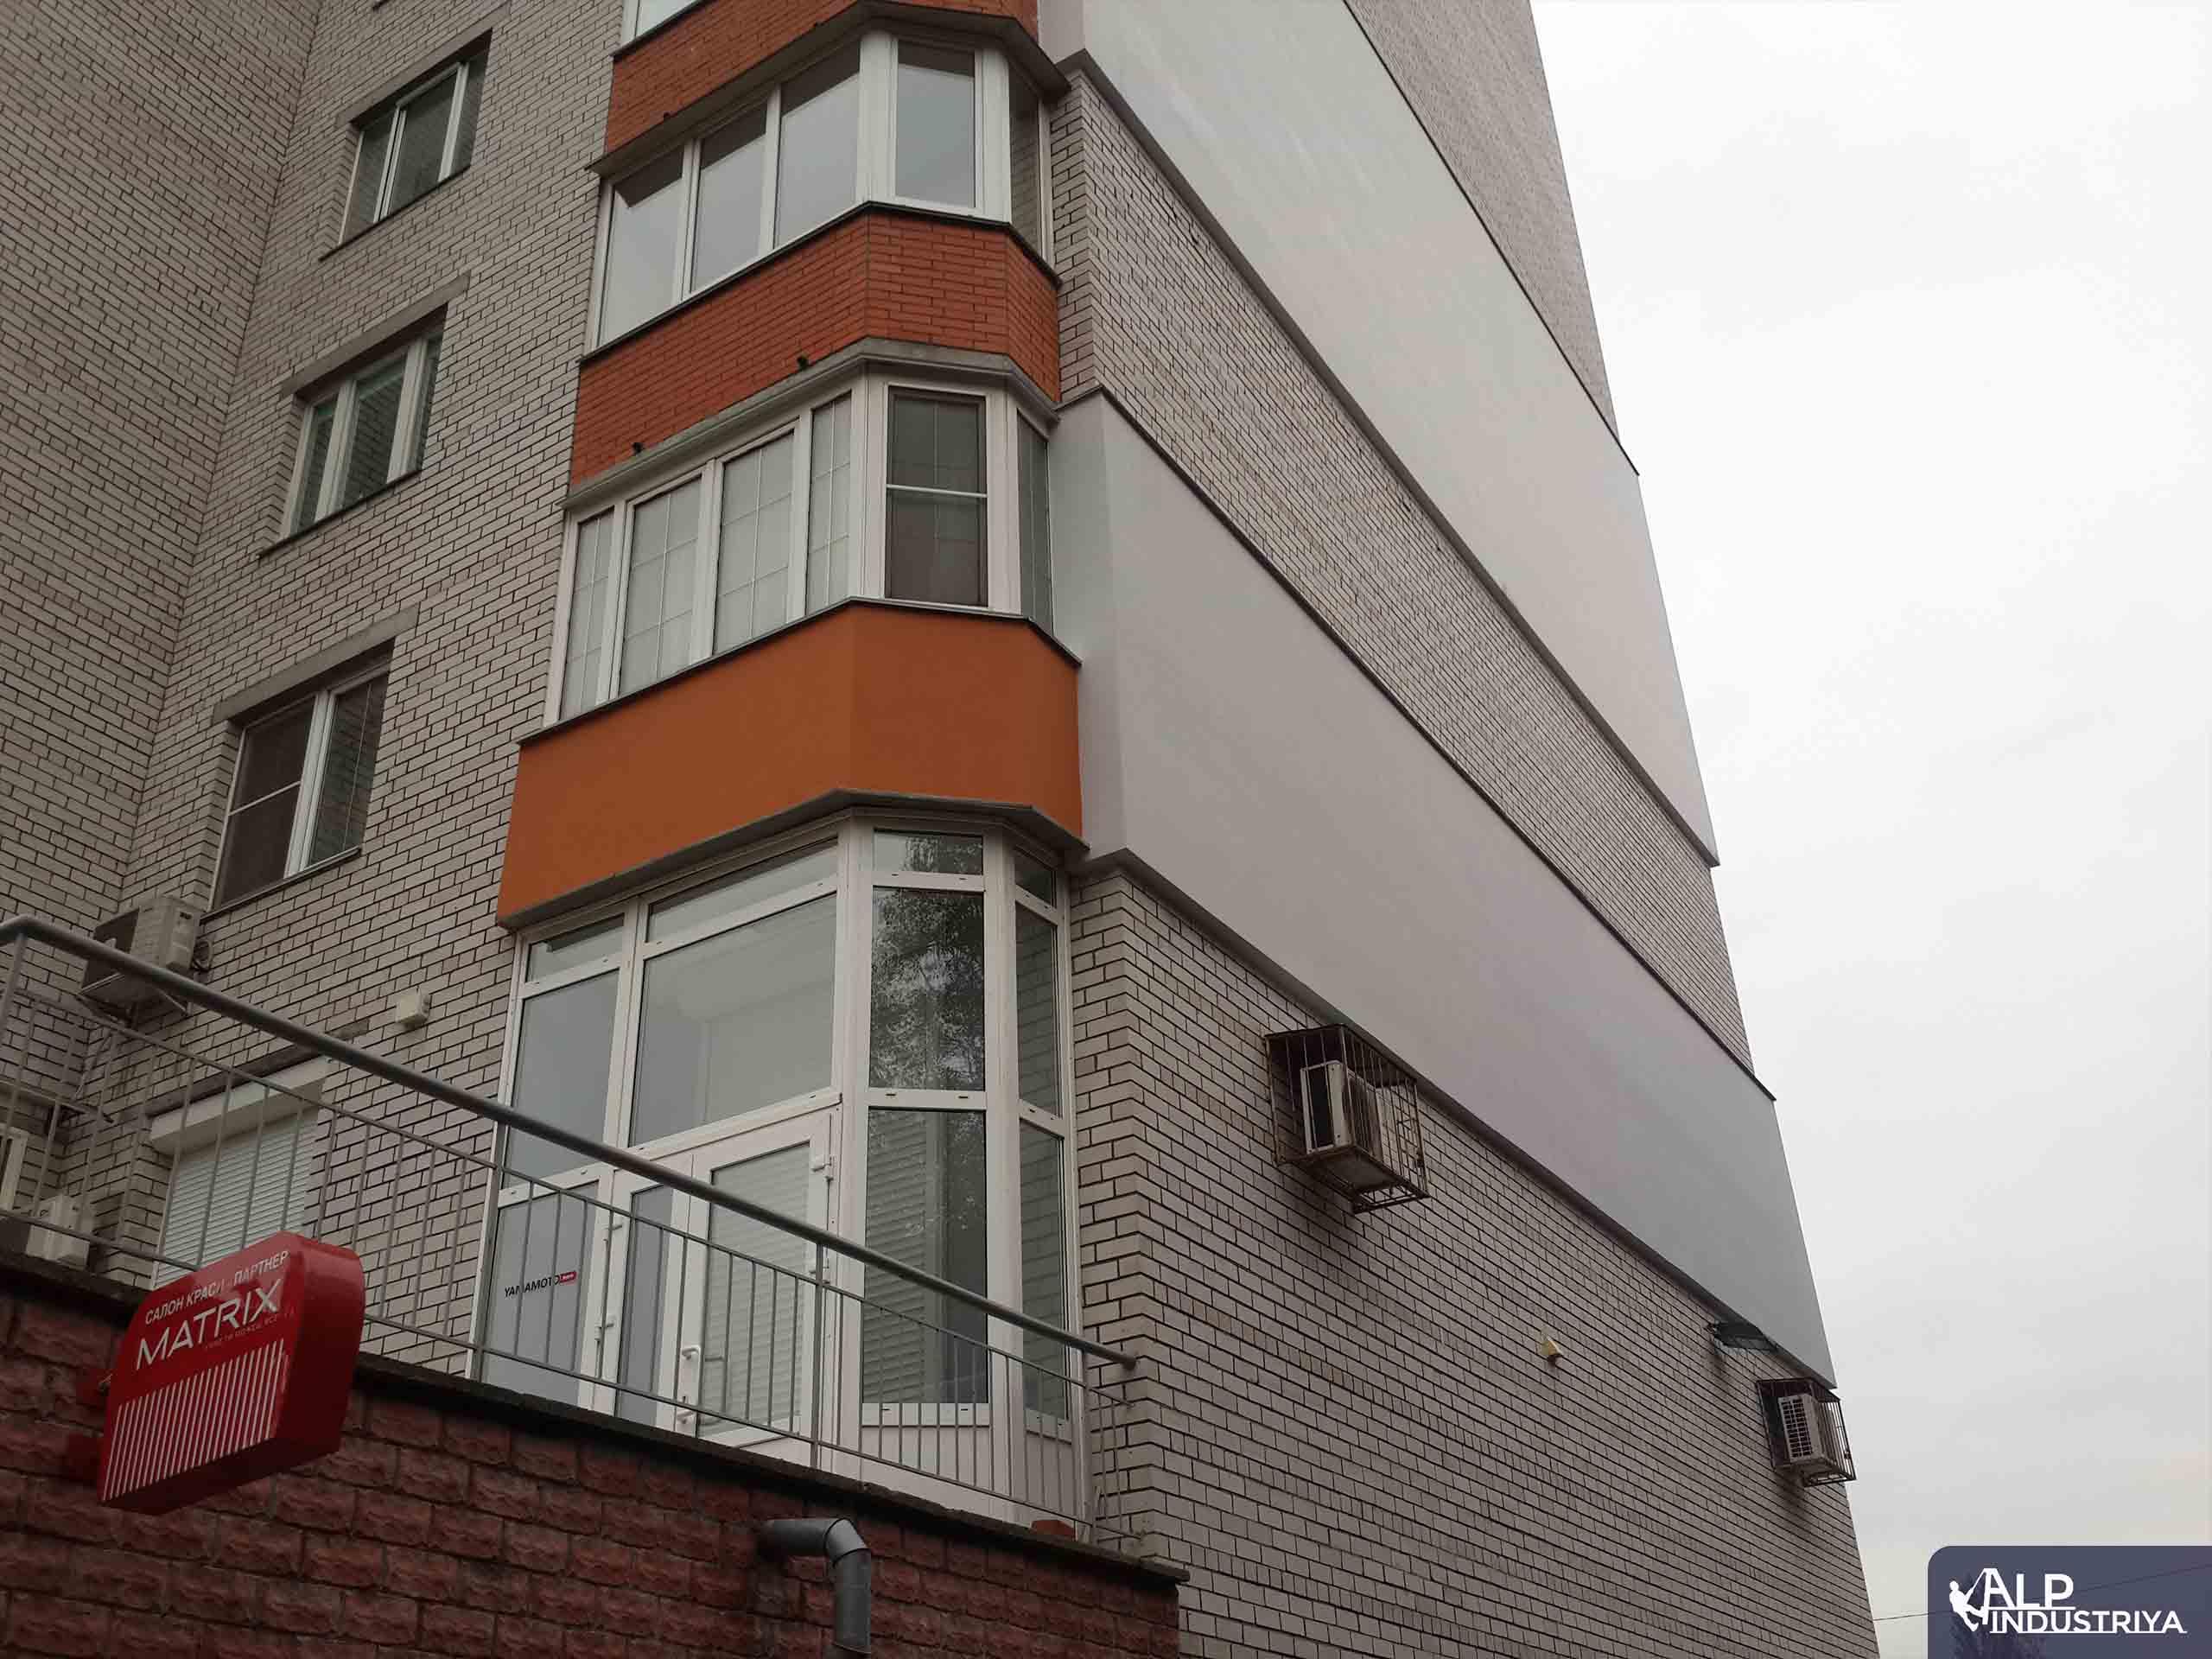 Выполненная работа по монтажу утеплителя, шпаклевке и покраске стен жилья-1